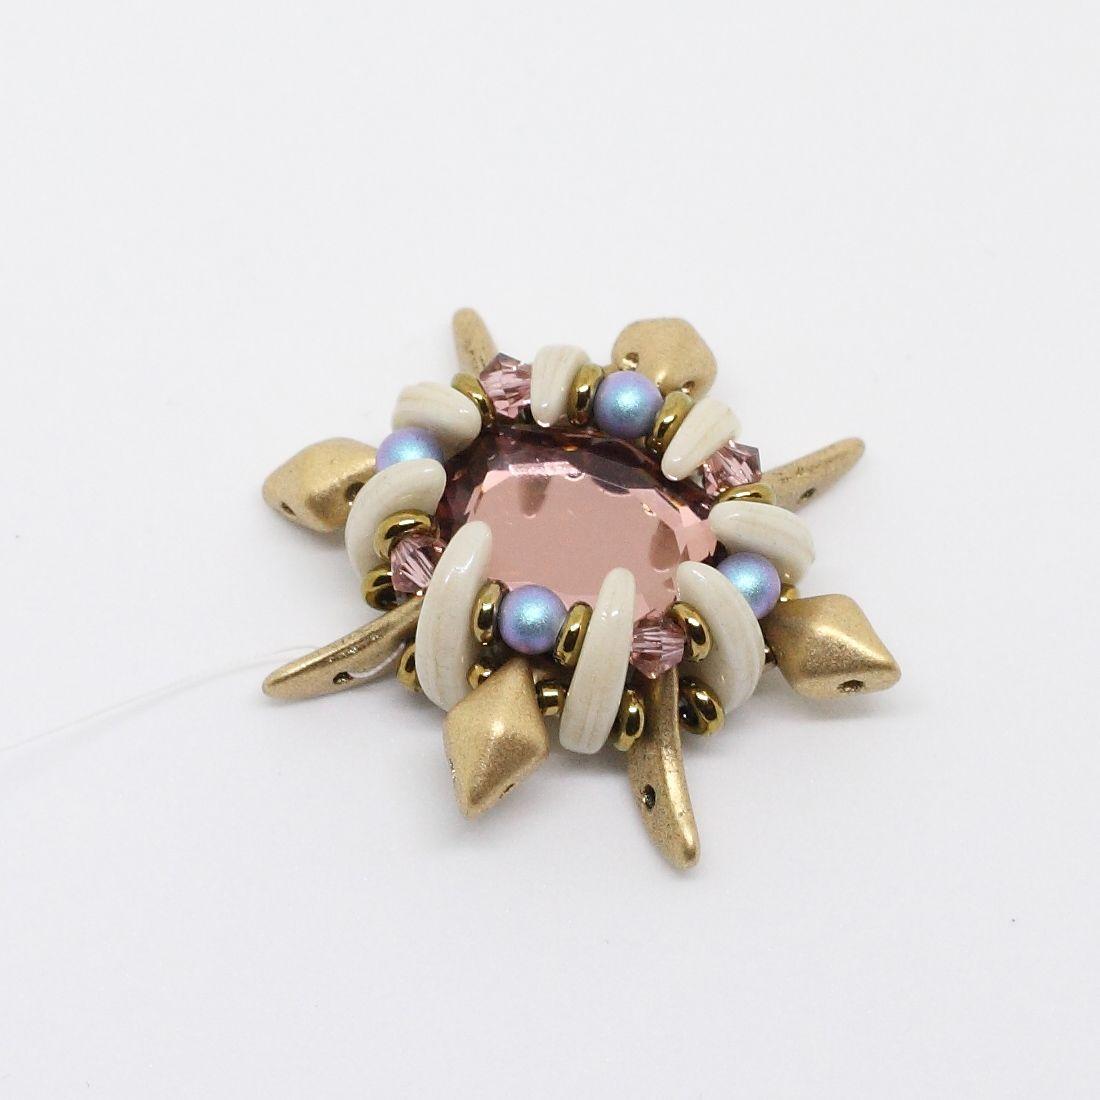 Tutoriel DIY étape 5 boucles d'oreilles printemps avec perles en verre Ava beads, crescent beads, toho beads et cristaux Swarovski